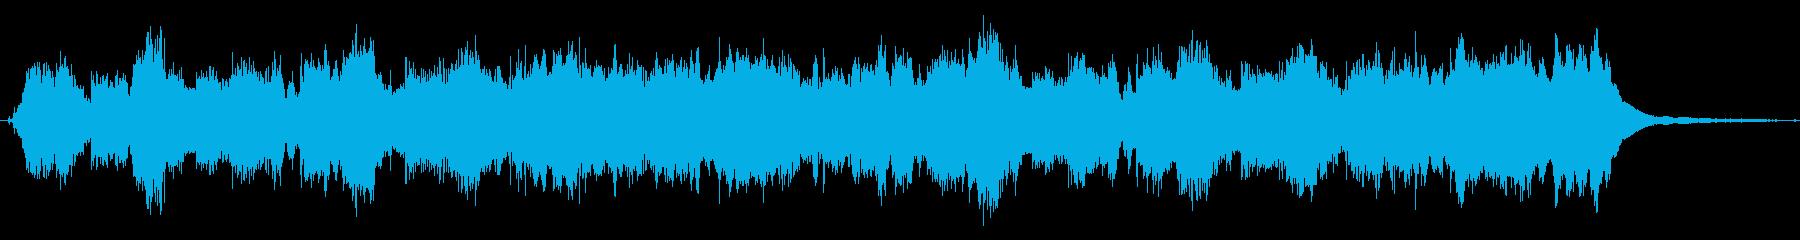 アコーディオンの可愛い20秒のジングルの再生済みの波形